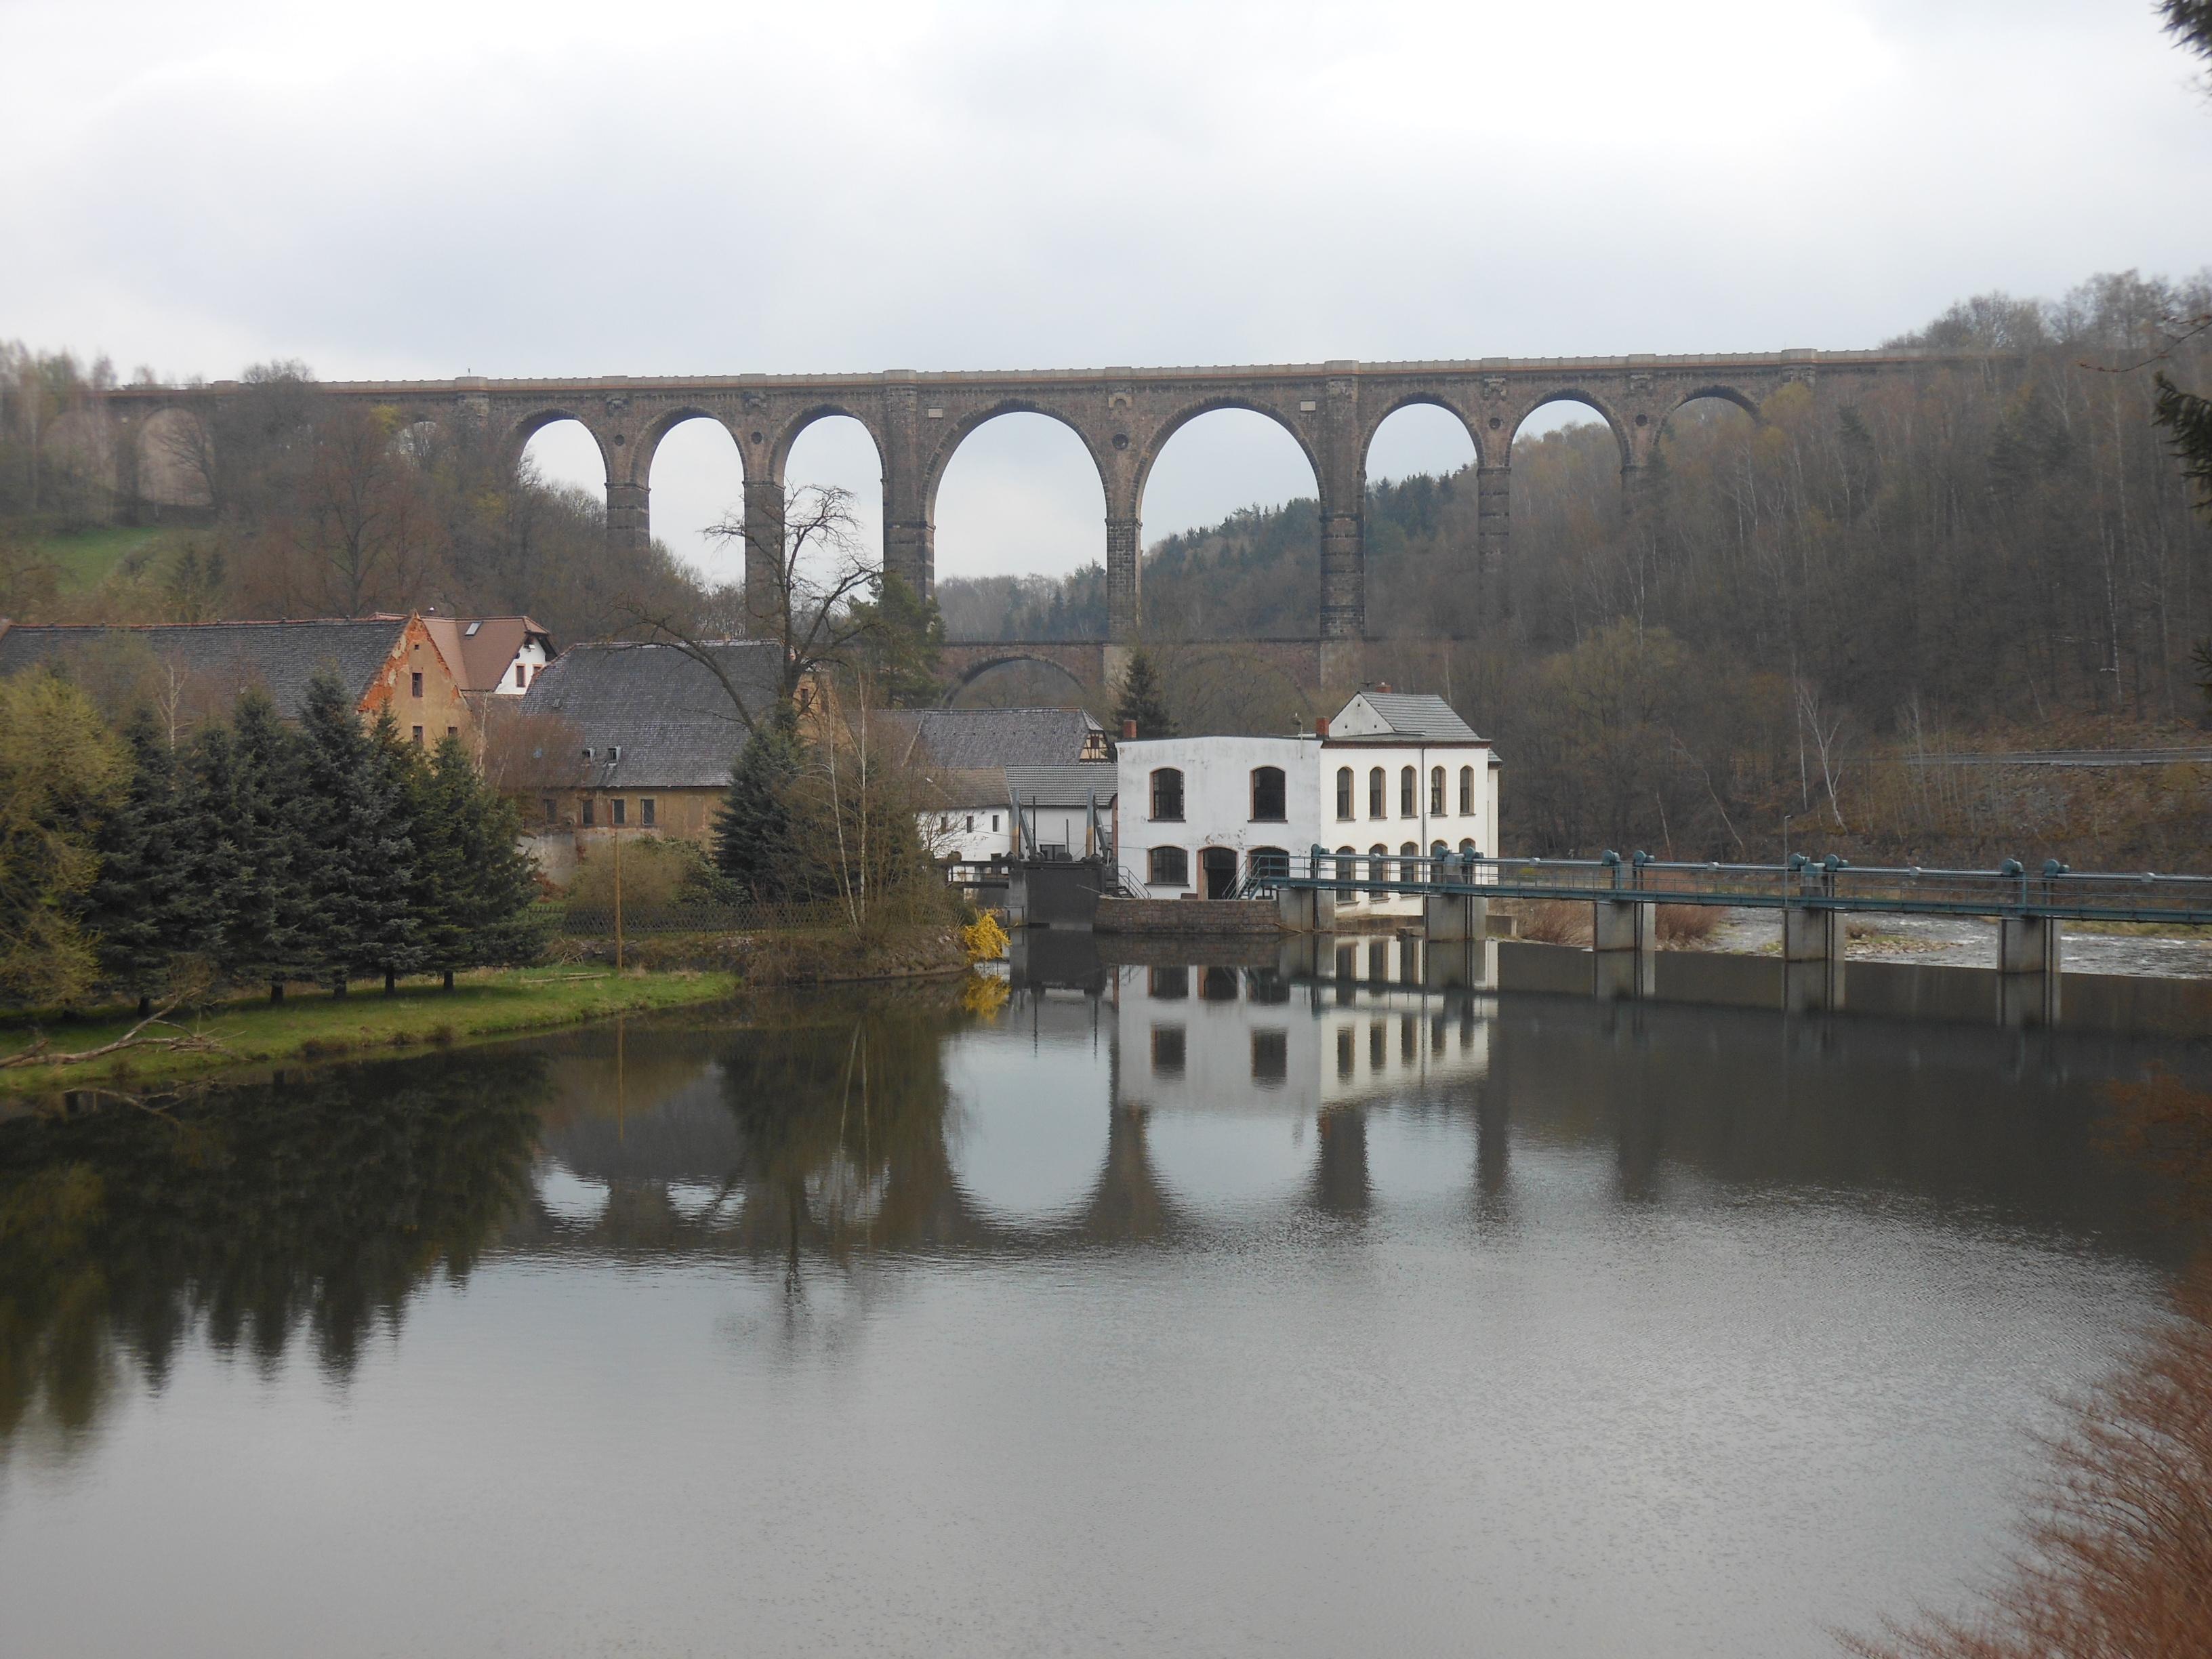 Viadukt Göhren